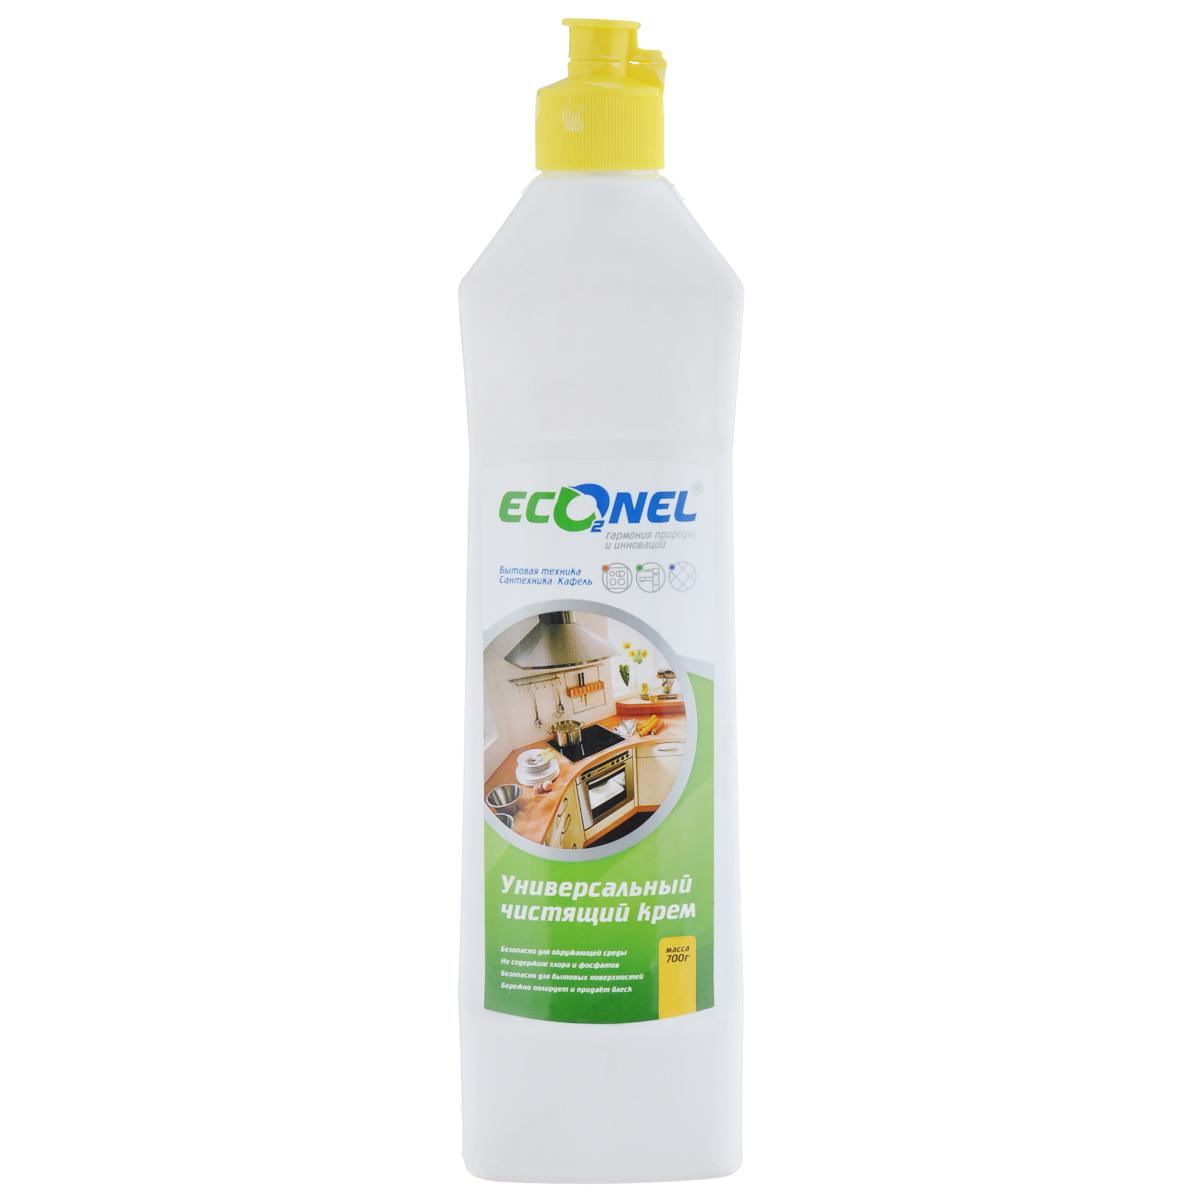 Крем чистящий Econel, универсальный, 700 г934890Универсальное чистящее средство Econel деликатно и эффективно удалит стойкую грязь, жировые и известковые налеты, остатки пригоревшей еды и прочие загрязнения, характерные для кухни и ванной комнаты. Идеально подходит для чистки эмалированных, хромированных поверхностей, изделий из стекла, нержавеющей стали, фарфора, фаянса, серебра. Благодаря мягкой абразивной текстуре кремообразное средство проникает в структуру загрязнения, устраняет ее, не причиняя вреда очищаемой поверхности.Состав: менее 5%: анионные поверхностно-активные вещества, неионогенные поверхностно-активные вещества, кислота олеиновая, натр едкий, полиоксихлорид алюминия, консервант, ароматизирующая добавка; более 30%: мягкий абразивный наполнитель, вода очищенная.